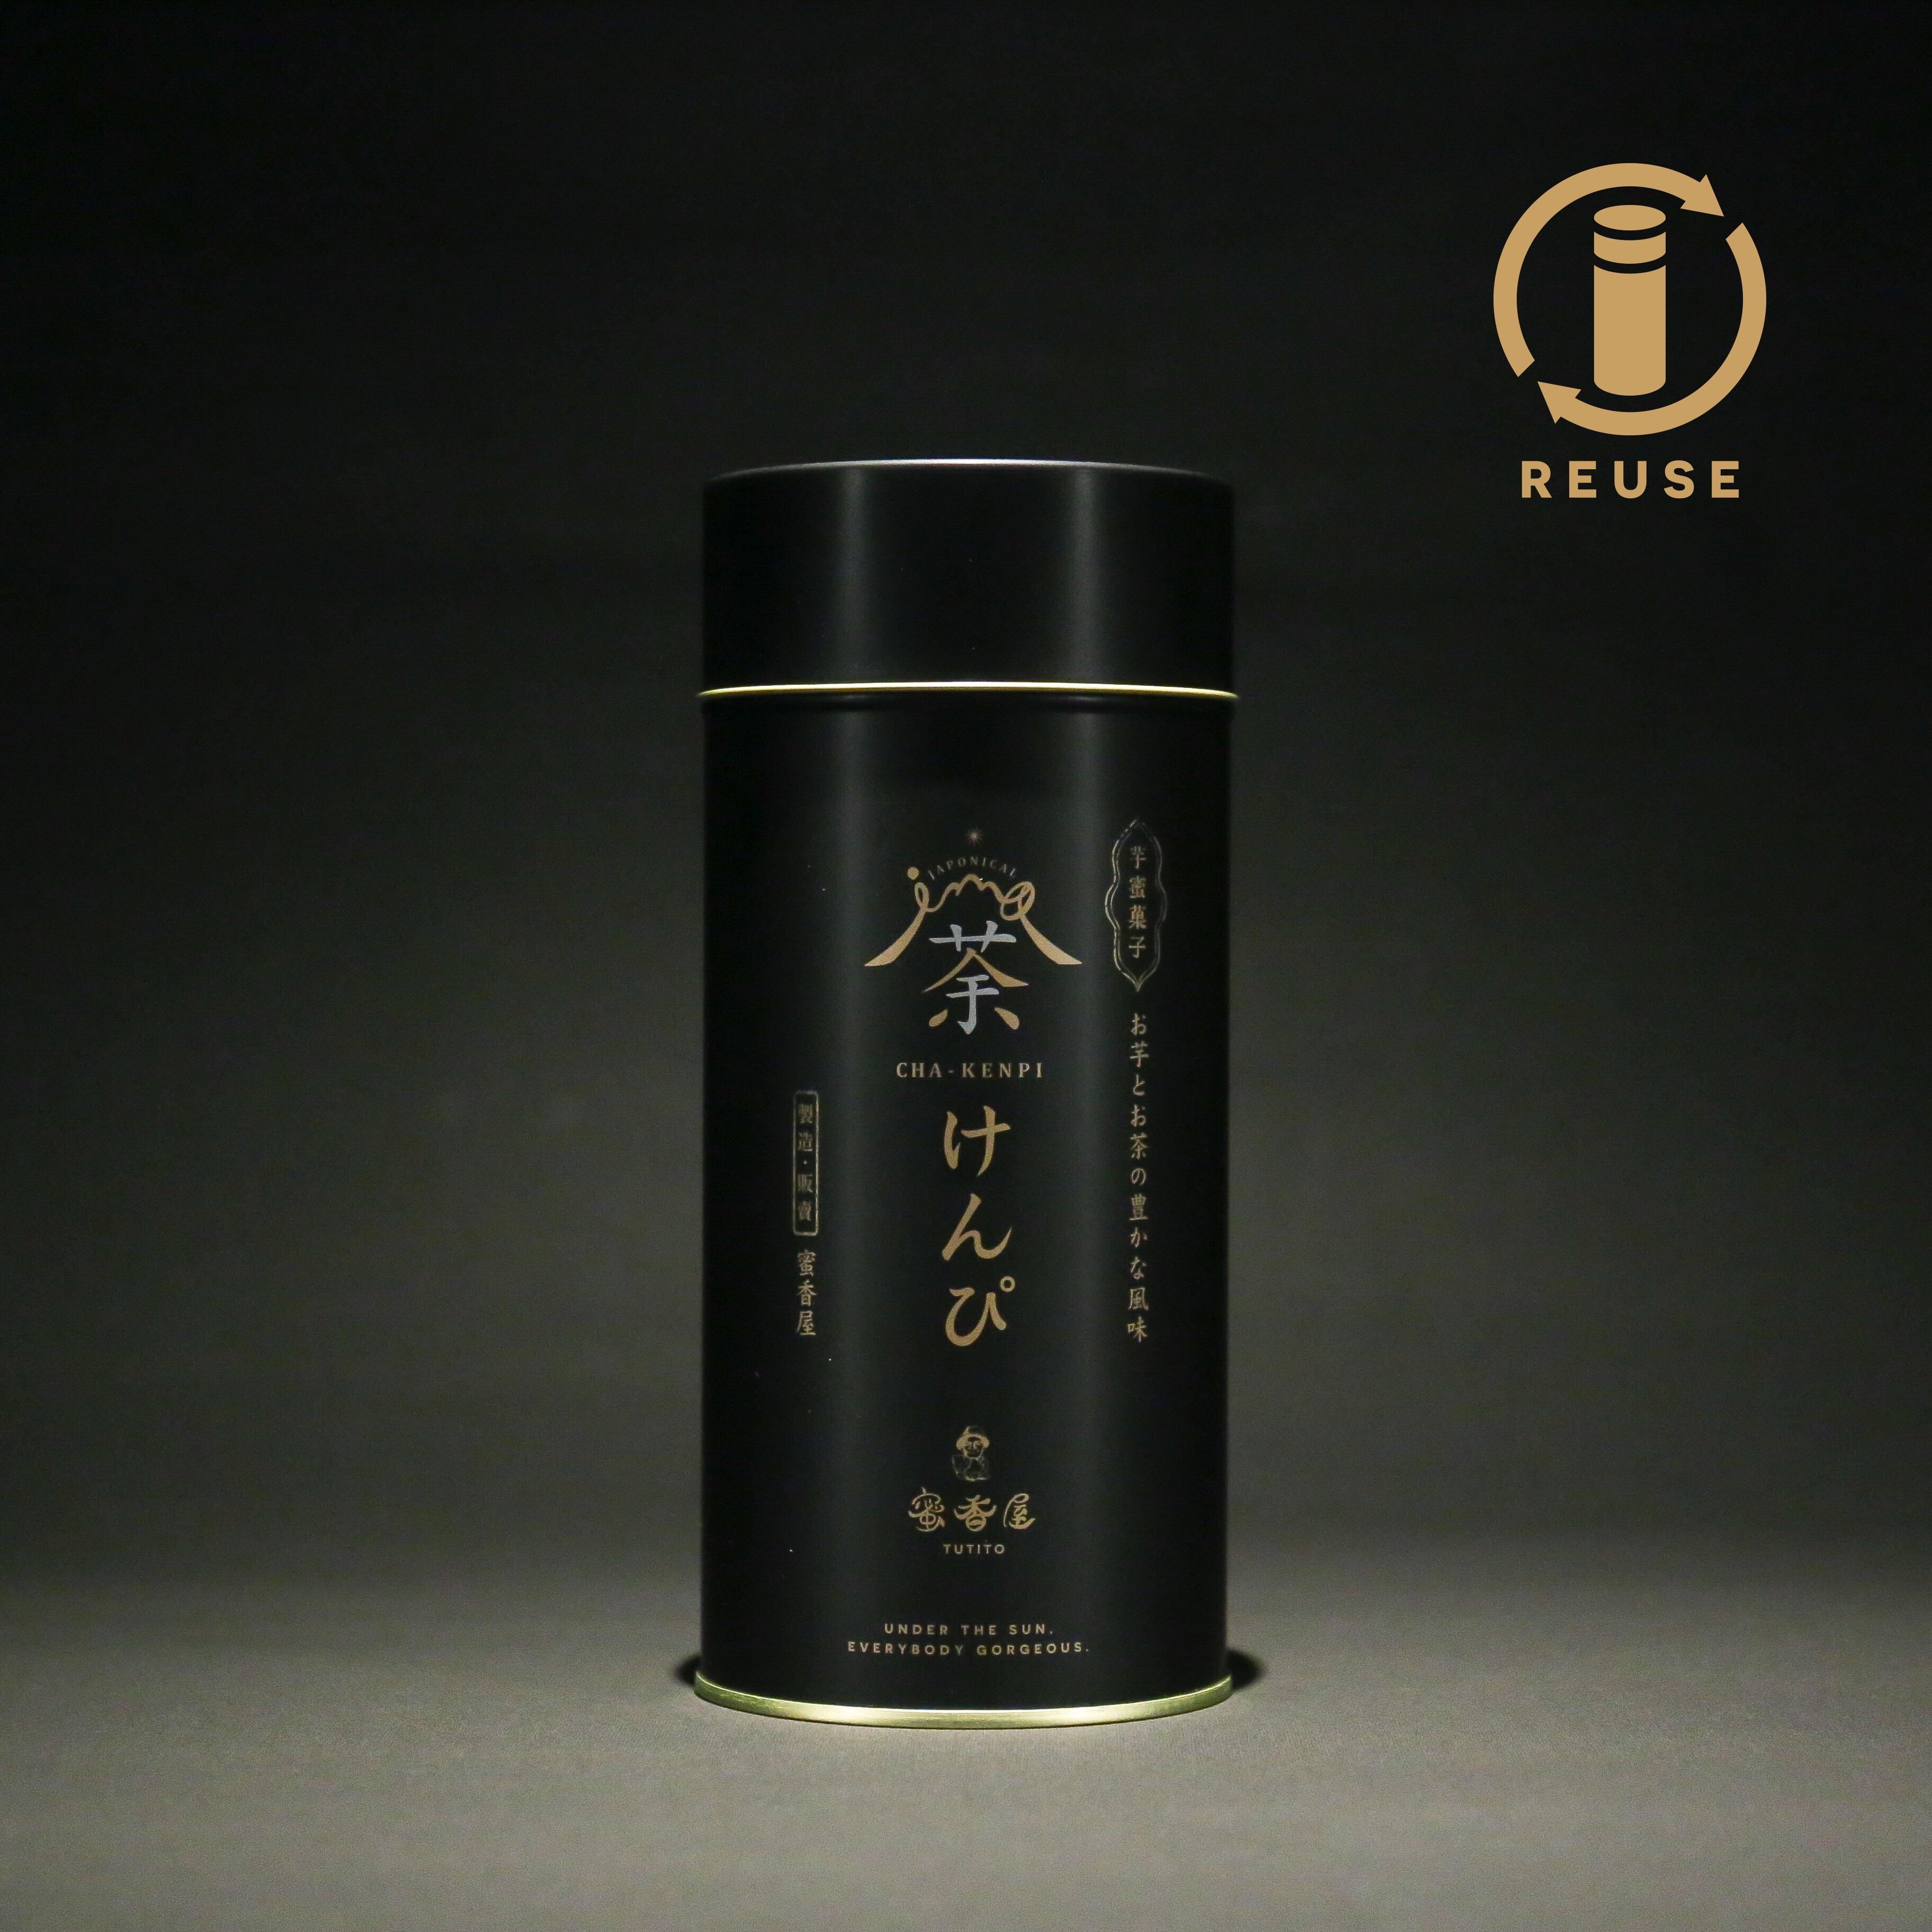 リユース缶で「通いけんぴ」お得で人気! | 蜜香屋TUTITO